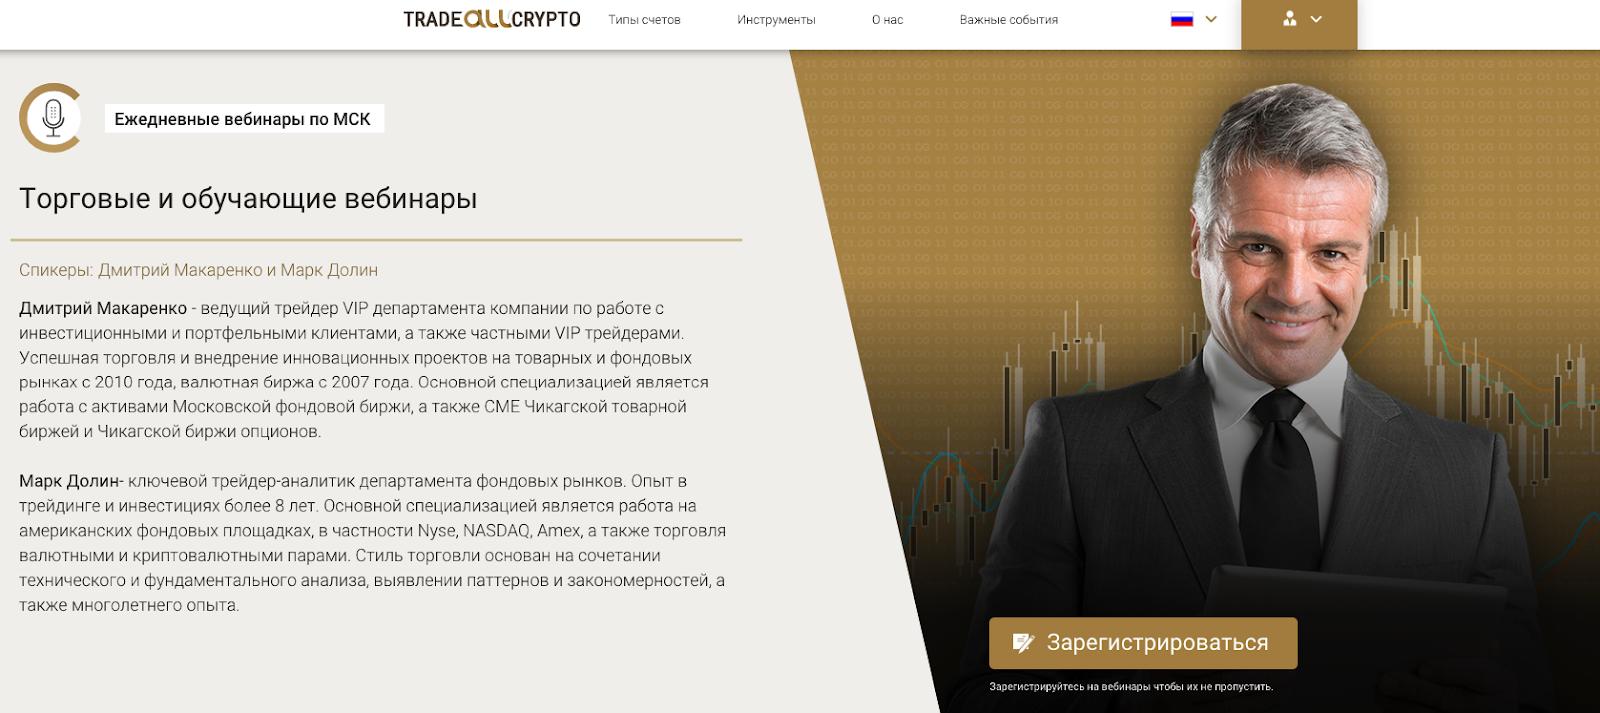 Торговля криптовалютой с TradeAllCrypto: обзор брокера, особенности, отличительные черты, реальные отзывы